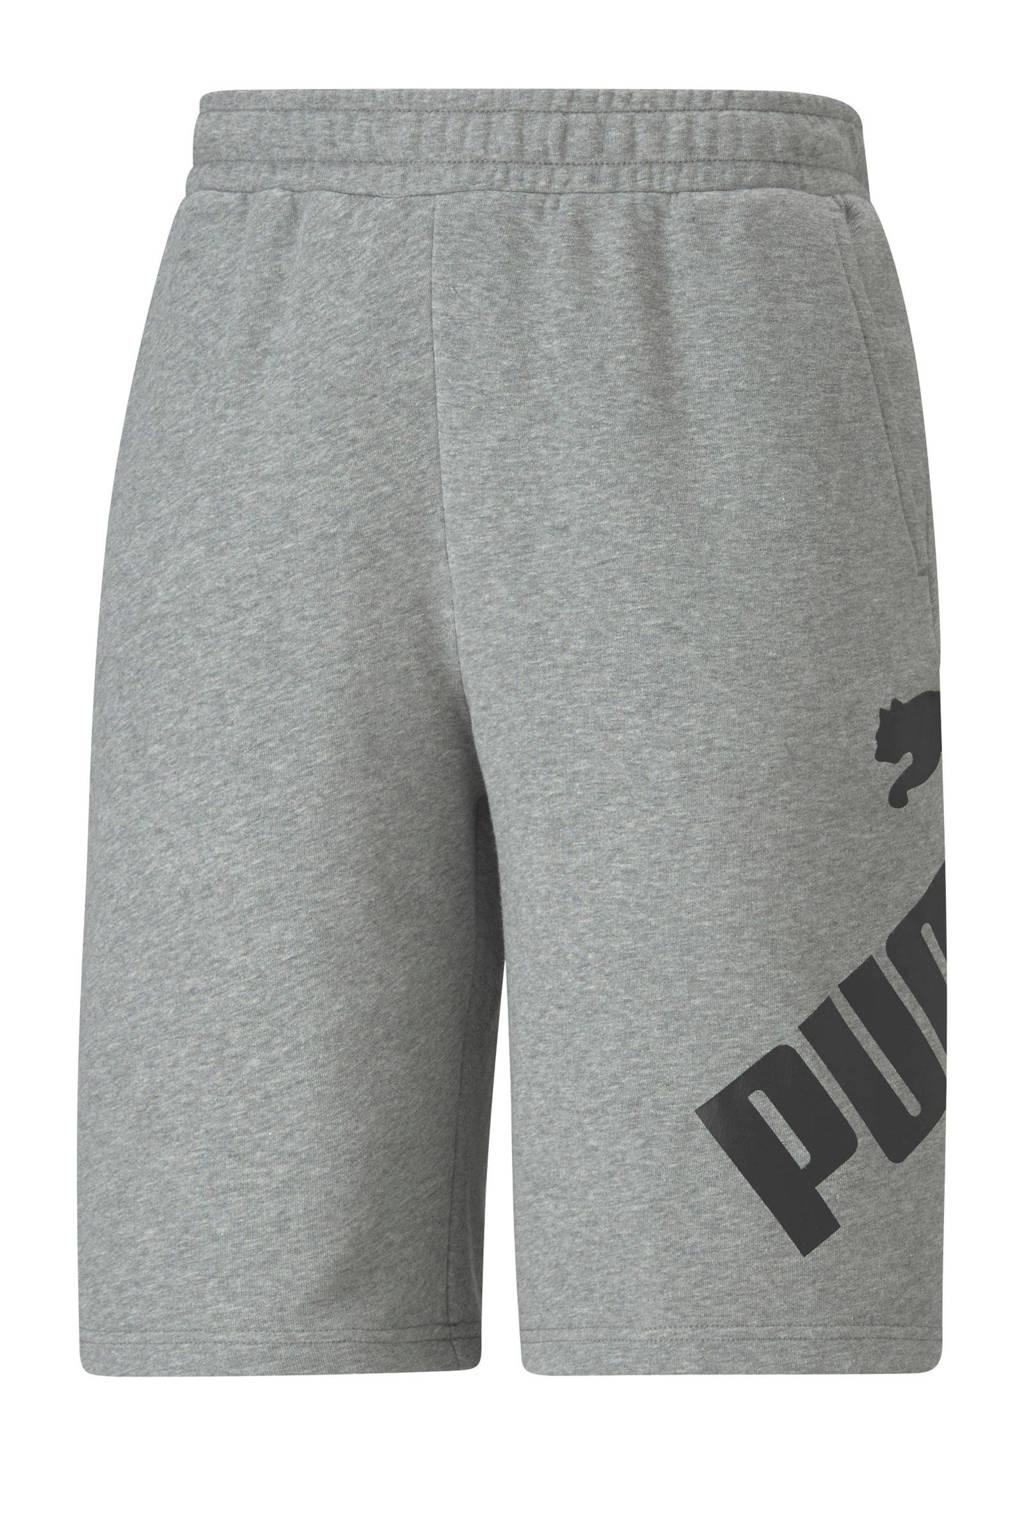 Puma   joggingshort grijs, Grijs